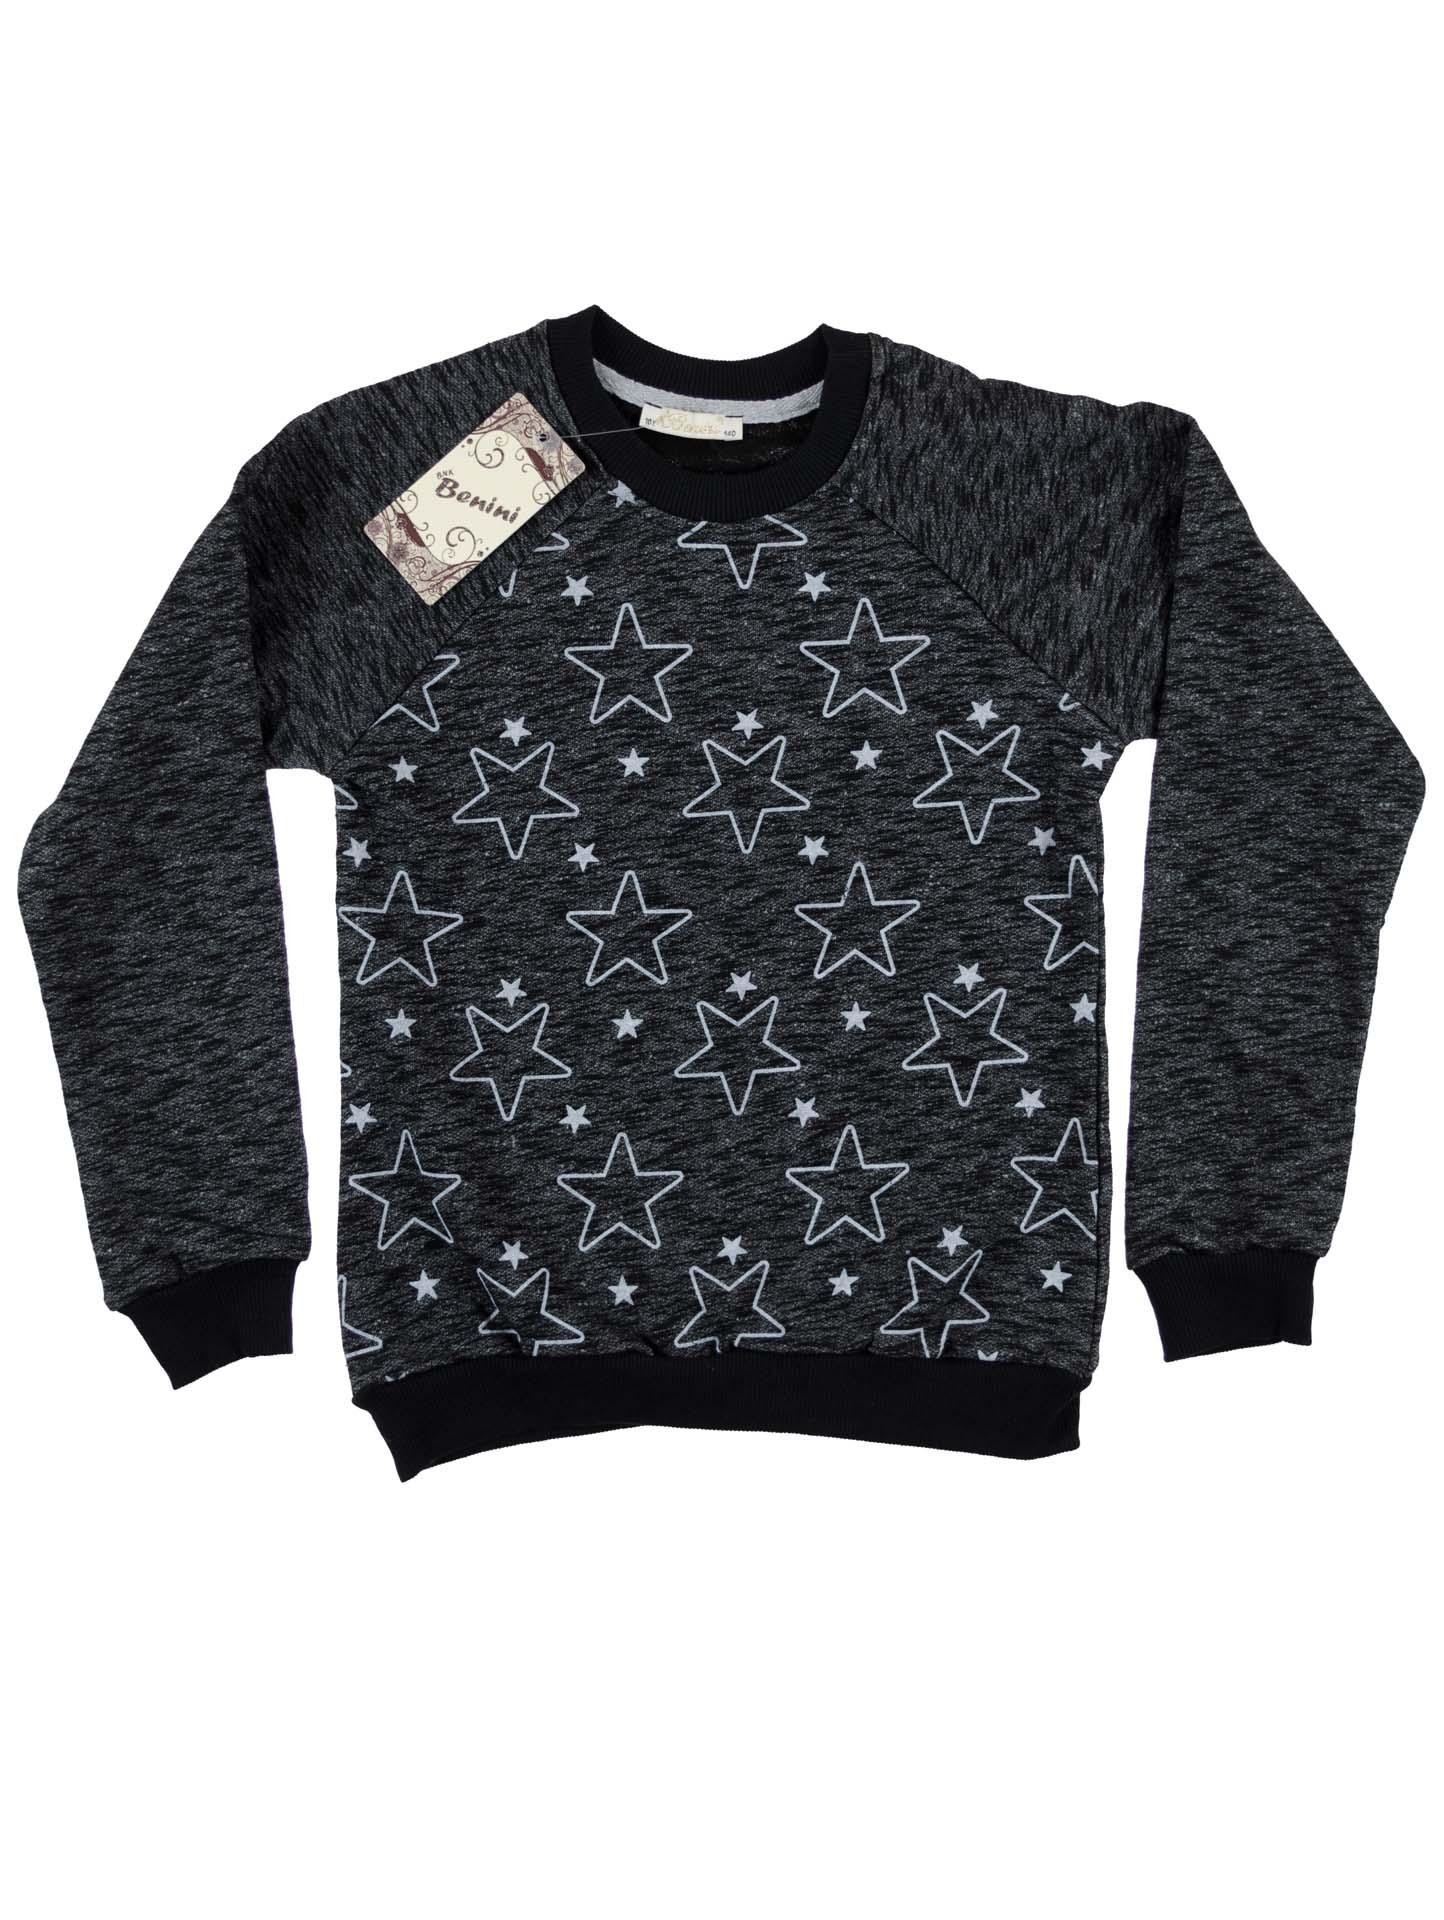 Купити. Теплий светр для дівчинки Benini ... 33d8093d31af6